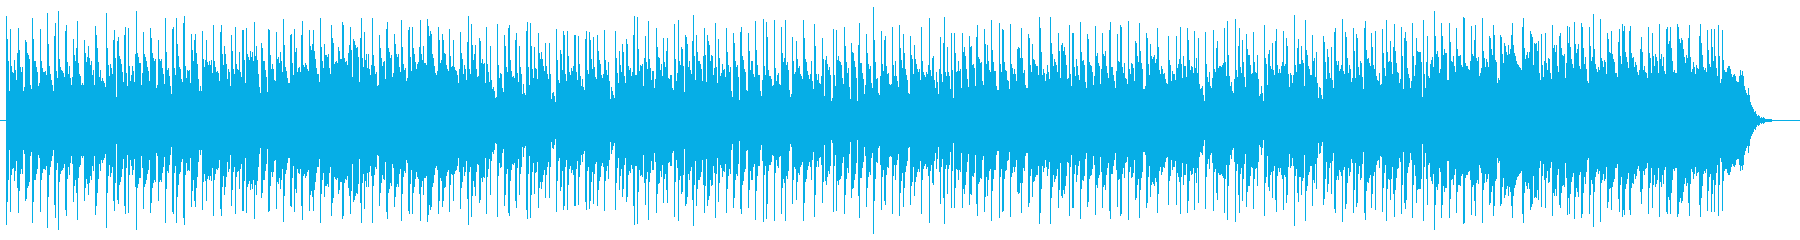 爽やかで穏やかなシンセサイザーサウンドの再生済みの波形